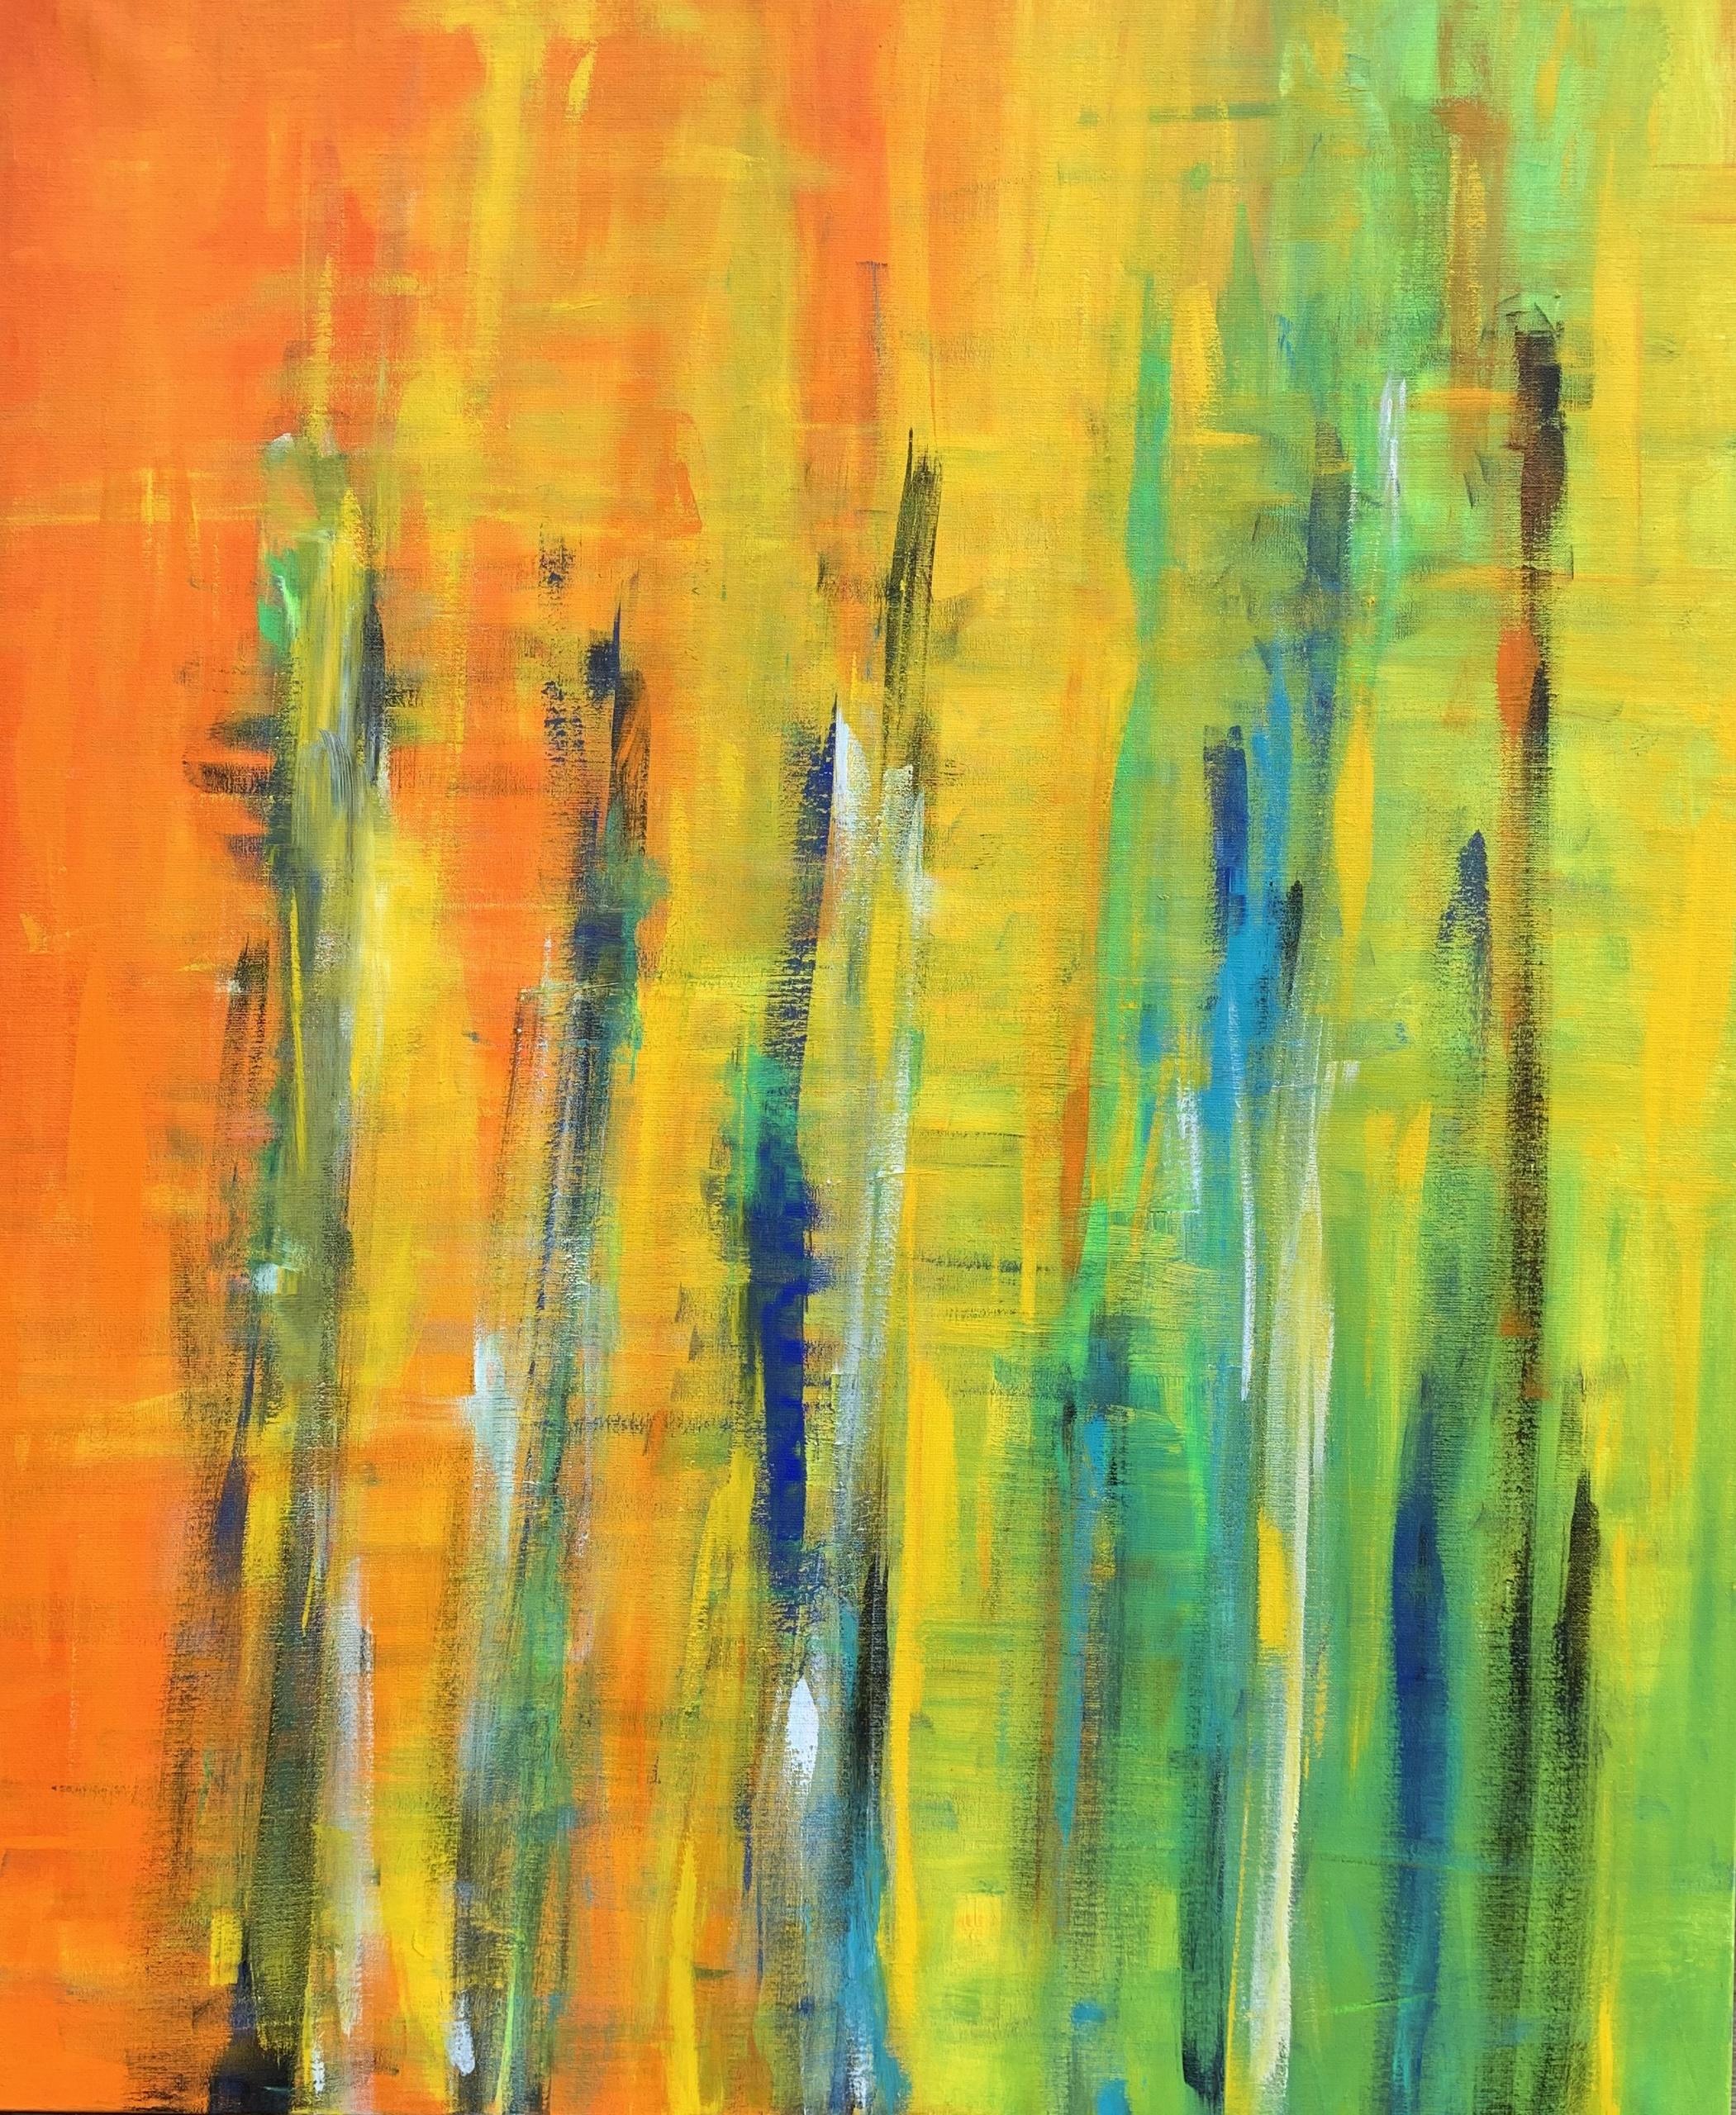 Store dele af farvespektret er i spil - og alligevel fremstår maleriet harmonisk.